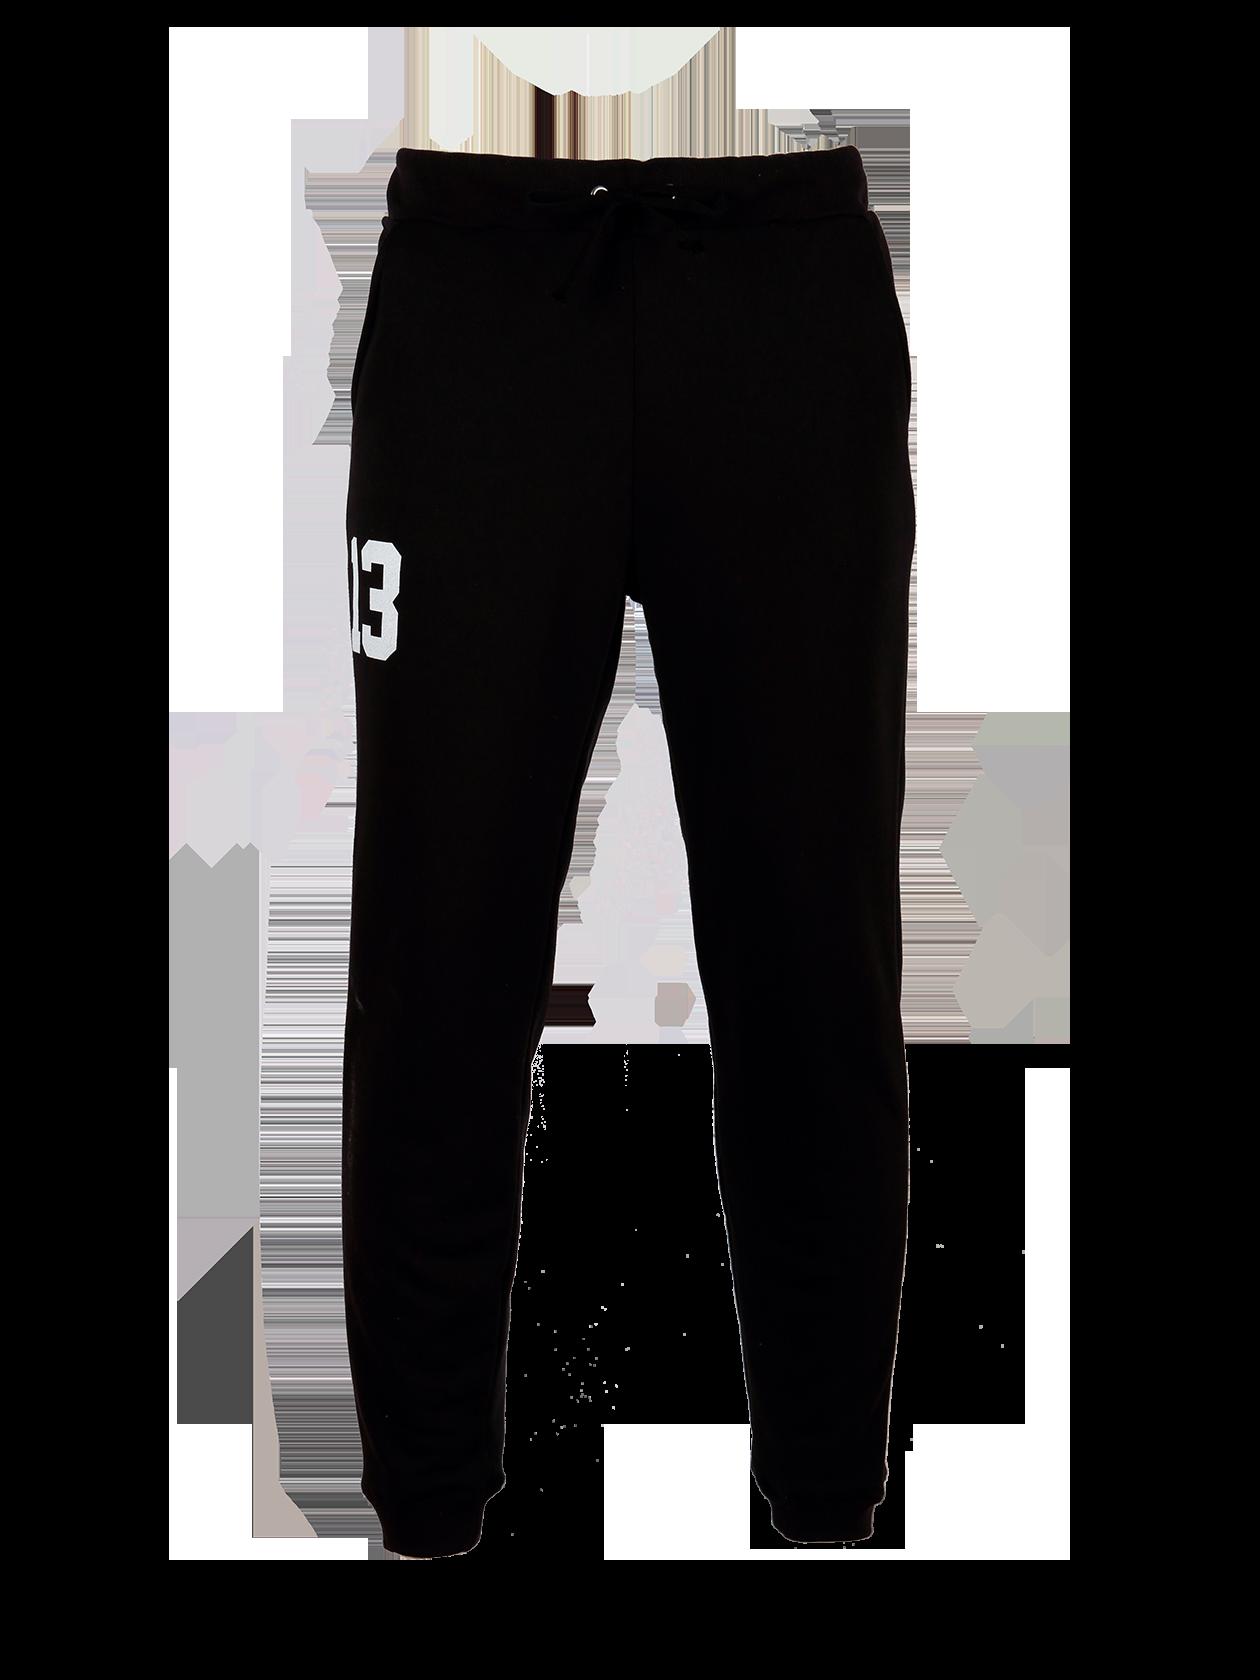 Mens Trousers BS13Черные брюки мужские BS13 идеально впишутся в повседневный и спортивный стиль. Изделие выполнено из плотного хлопкового полотна элитного качества. Прямой полусвободный крой с зауживанием к нижнему краю. Голенище и пояс отделаны широкой трикотажной резинкой. На поясе имеются завязки, по бокам внутренние карманы. Дизайн дополнен контрастным белым принтом с цифрой 13 на правом бедре. Подходит для любого сезона.<br><br>size: L<br>color: Black<br>gender: male